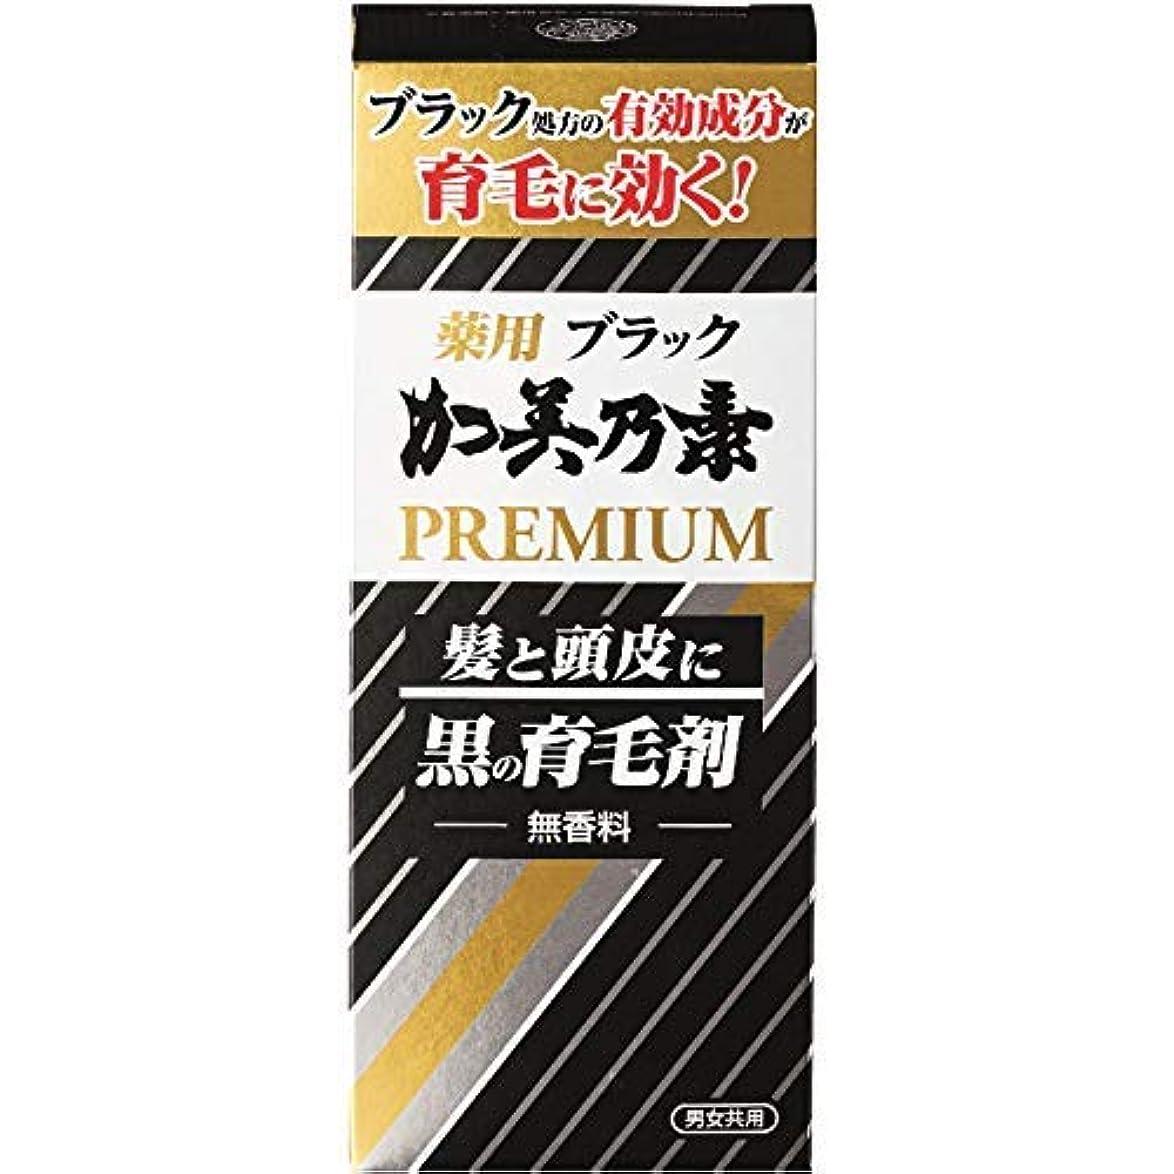 シャックル資本主義憂慮すべきブラック加美乃素 プレミアム × 12個セット